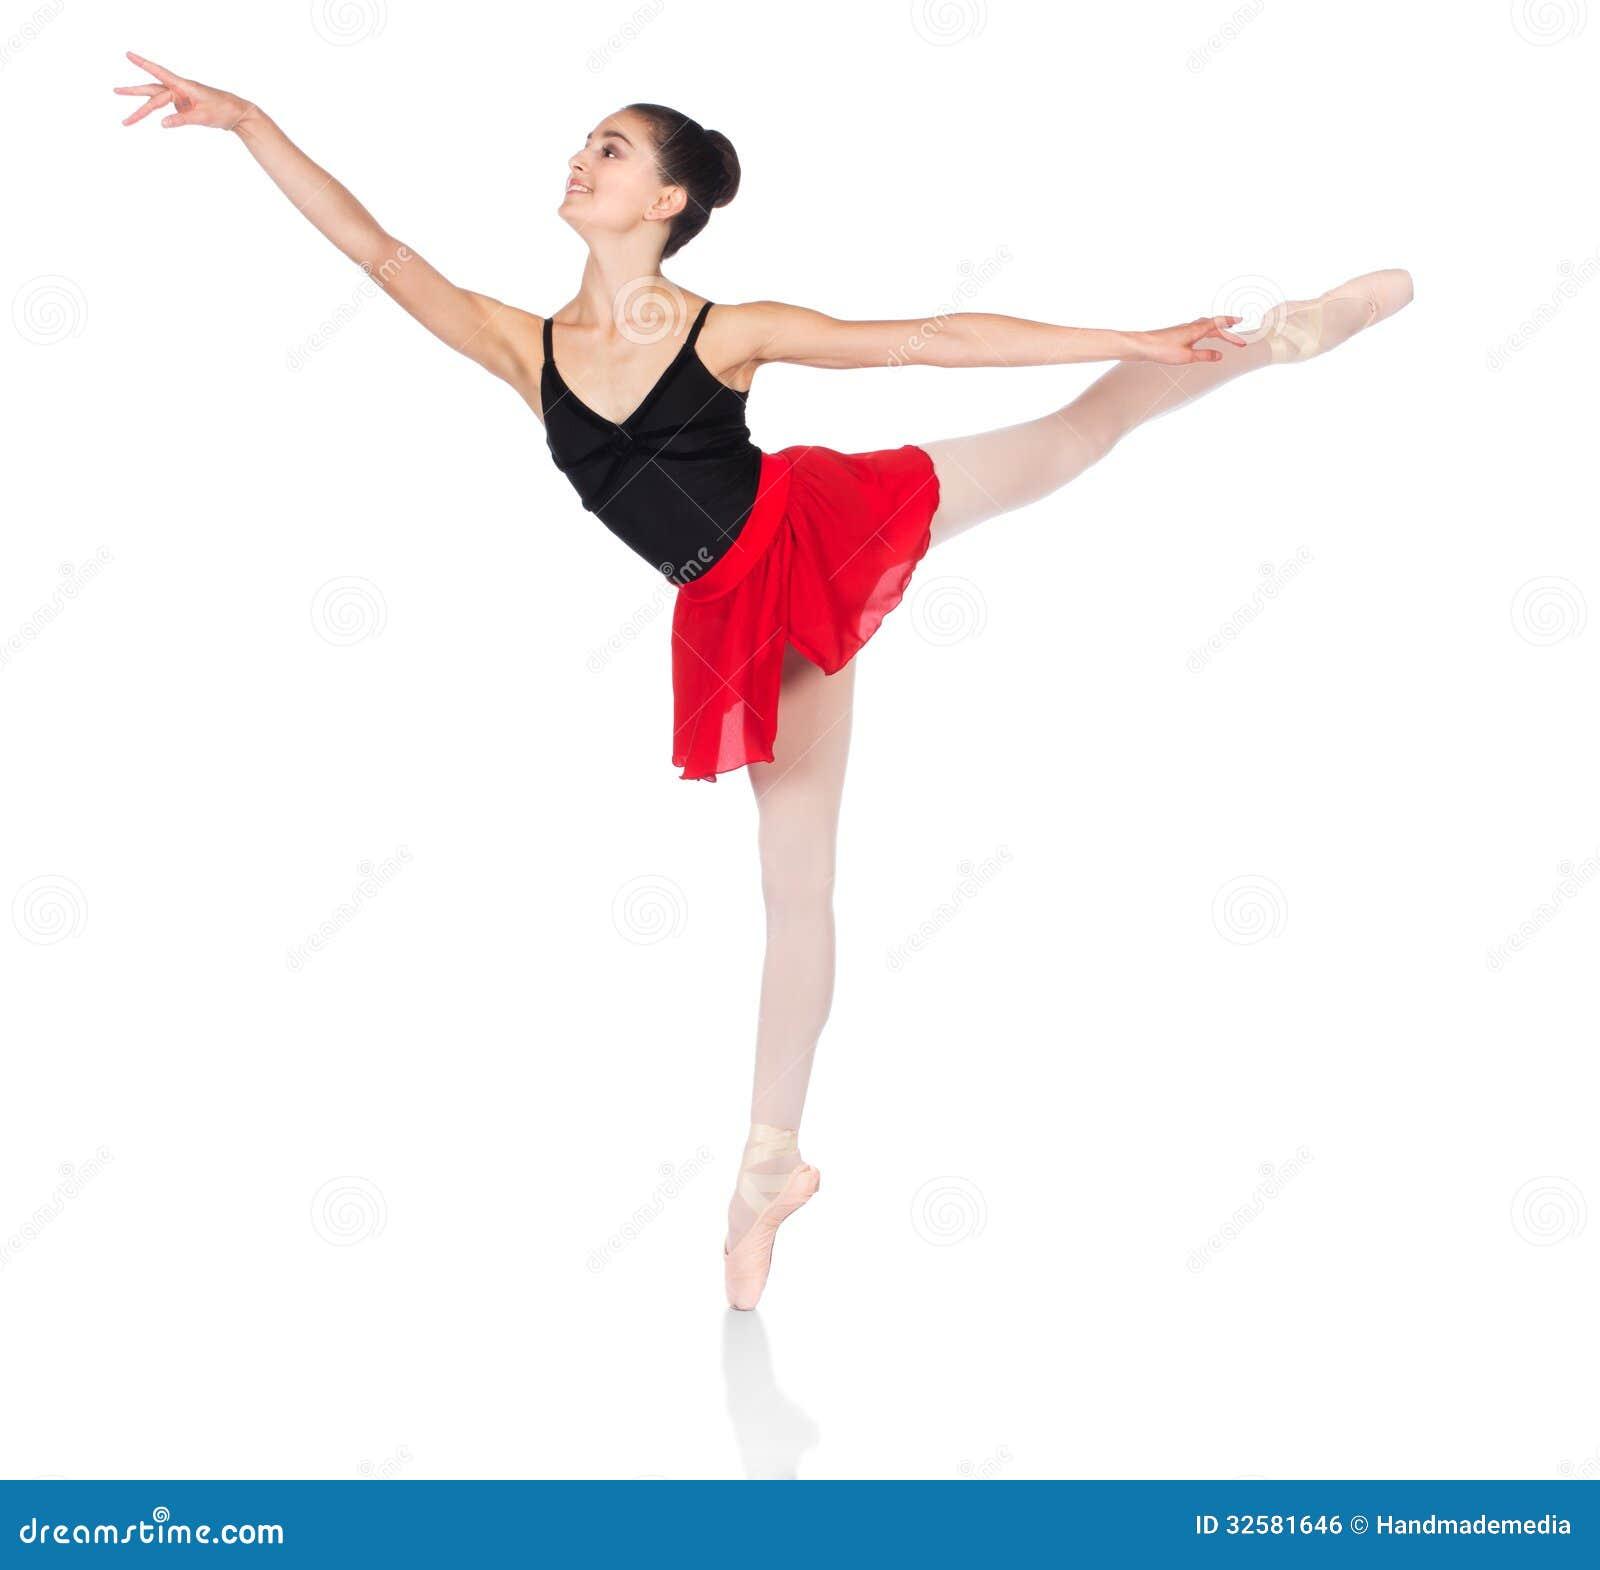 d2ee148d5 Female ballet dancer stock photo. Image of female